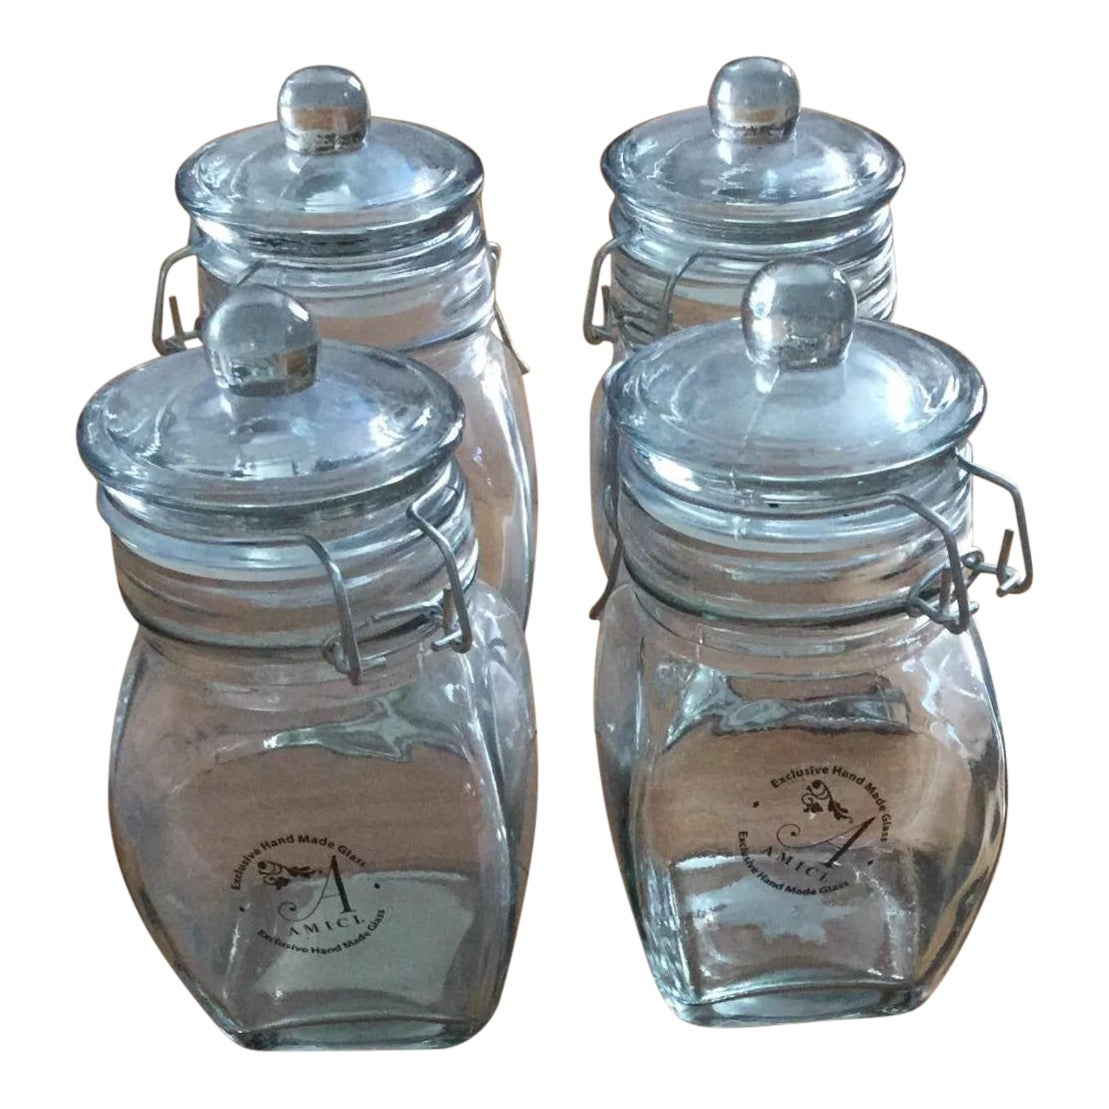 Global Amici Glass Jars - Set of 4 | Chairish